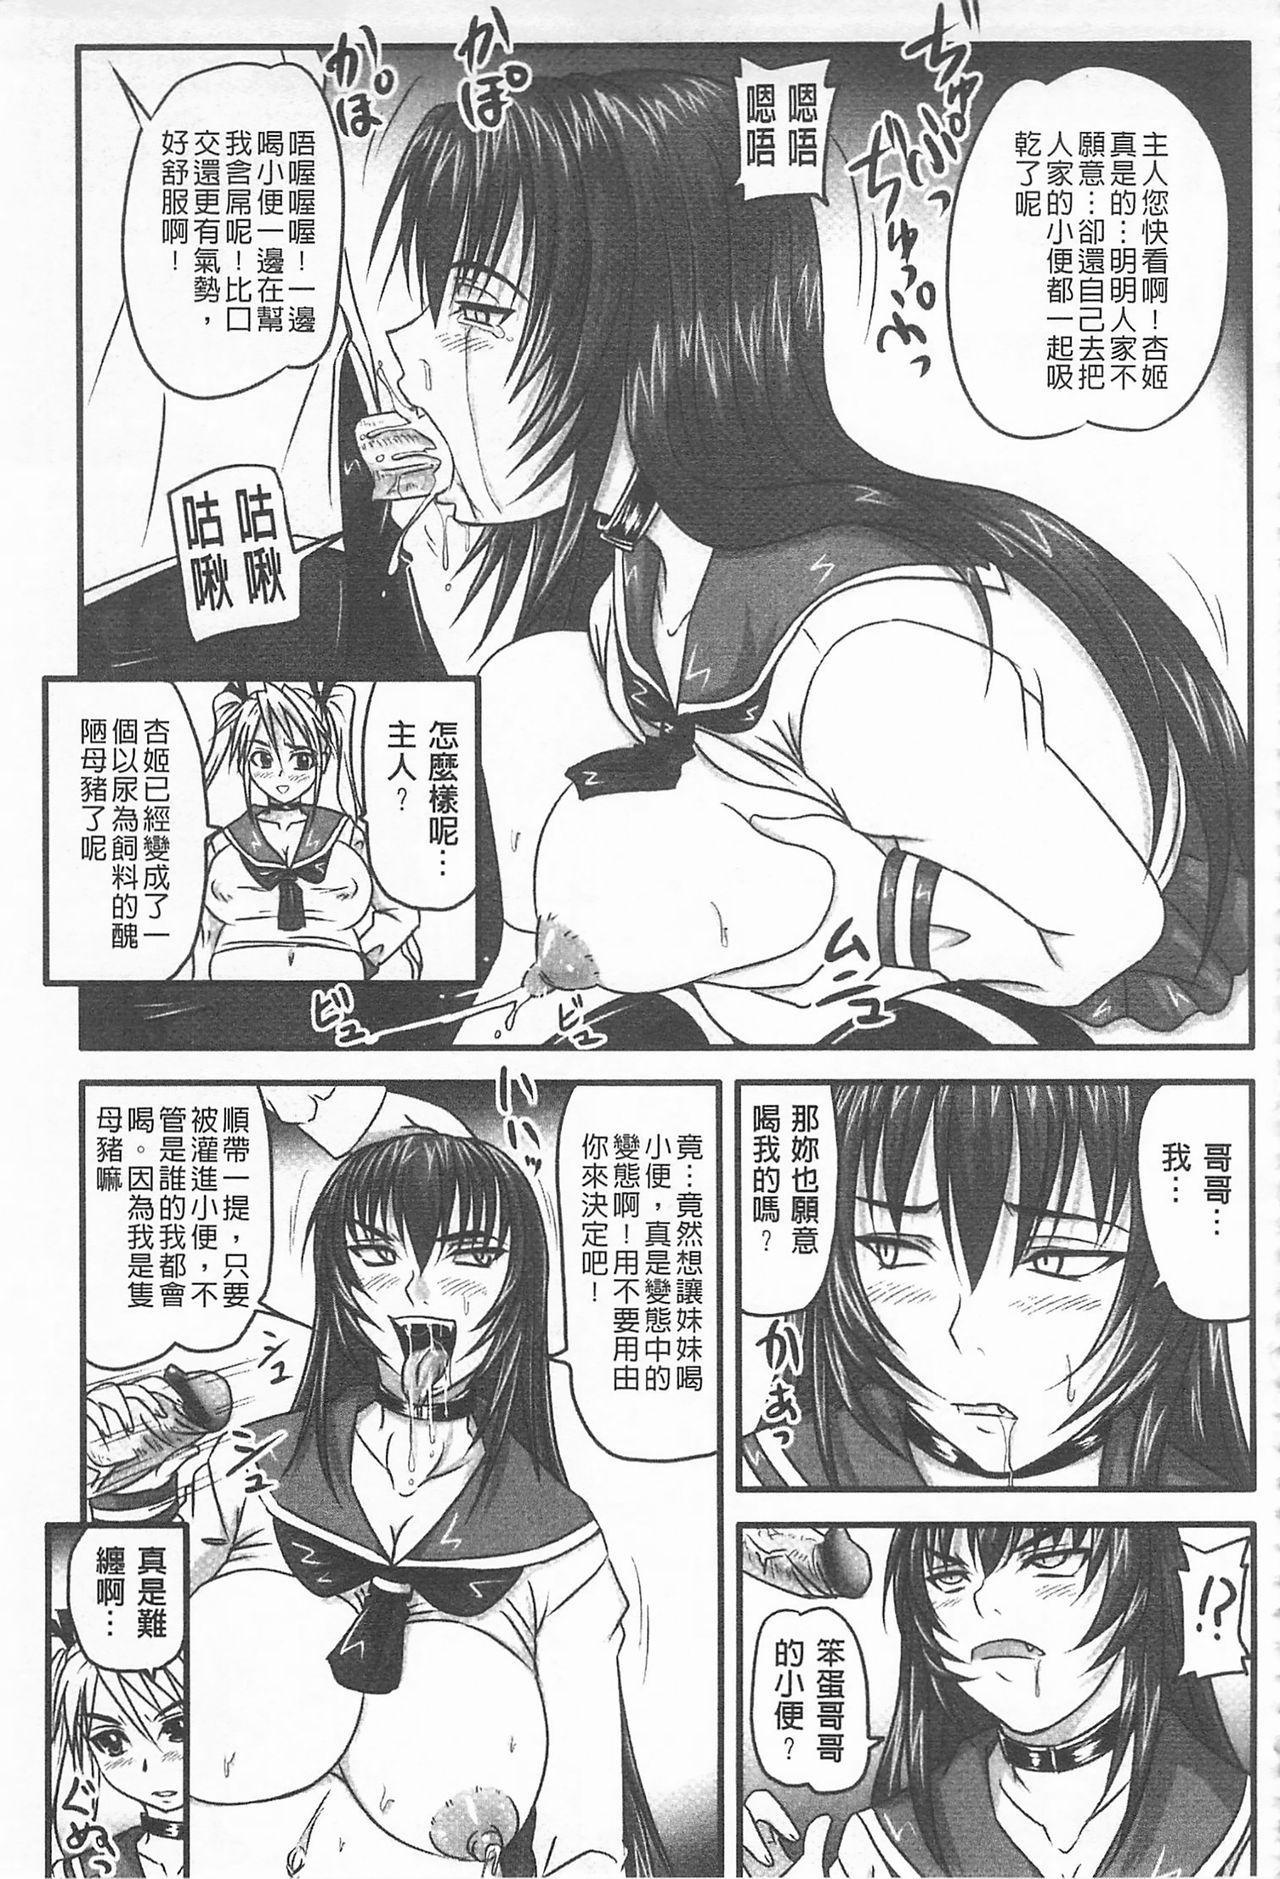 [Nozarashi Satoru] Do S na Hime wa Kegasareru -Inga no Shou- | 超S的公主被玷汙了 ~因果之章~ [Chinese] 145